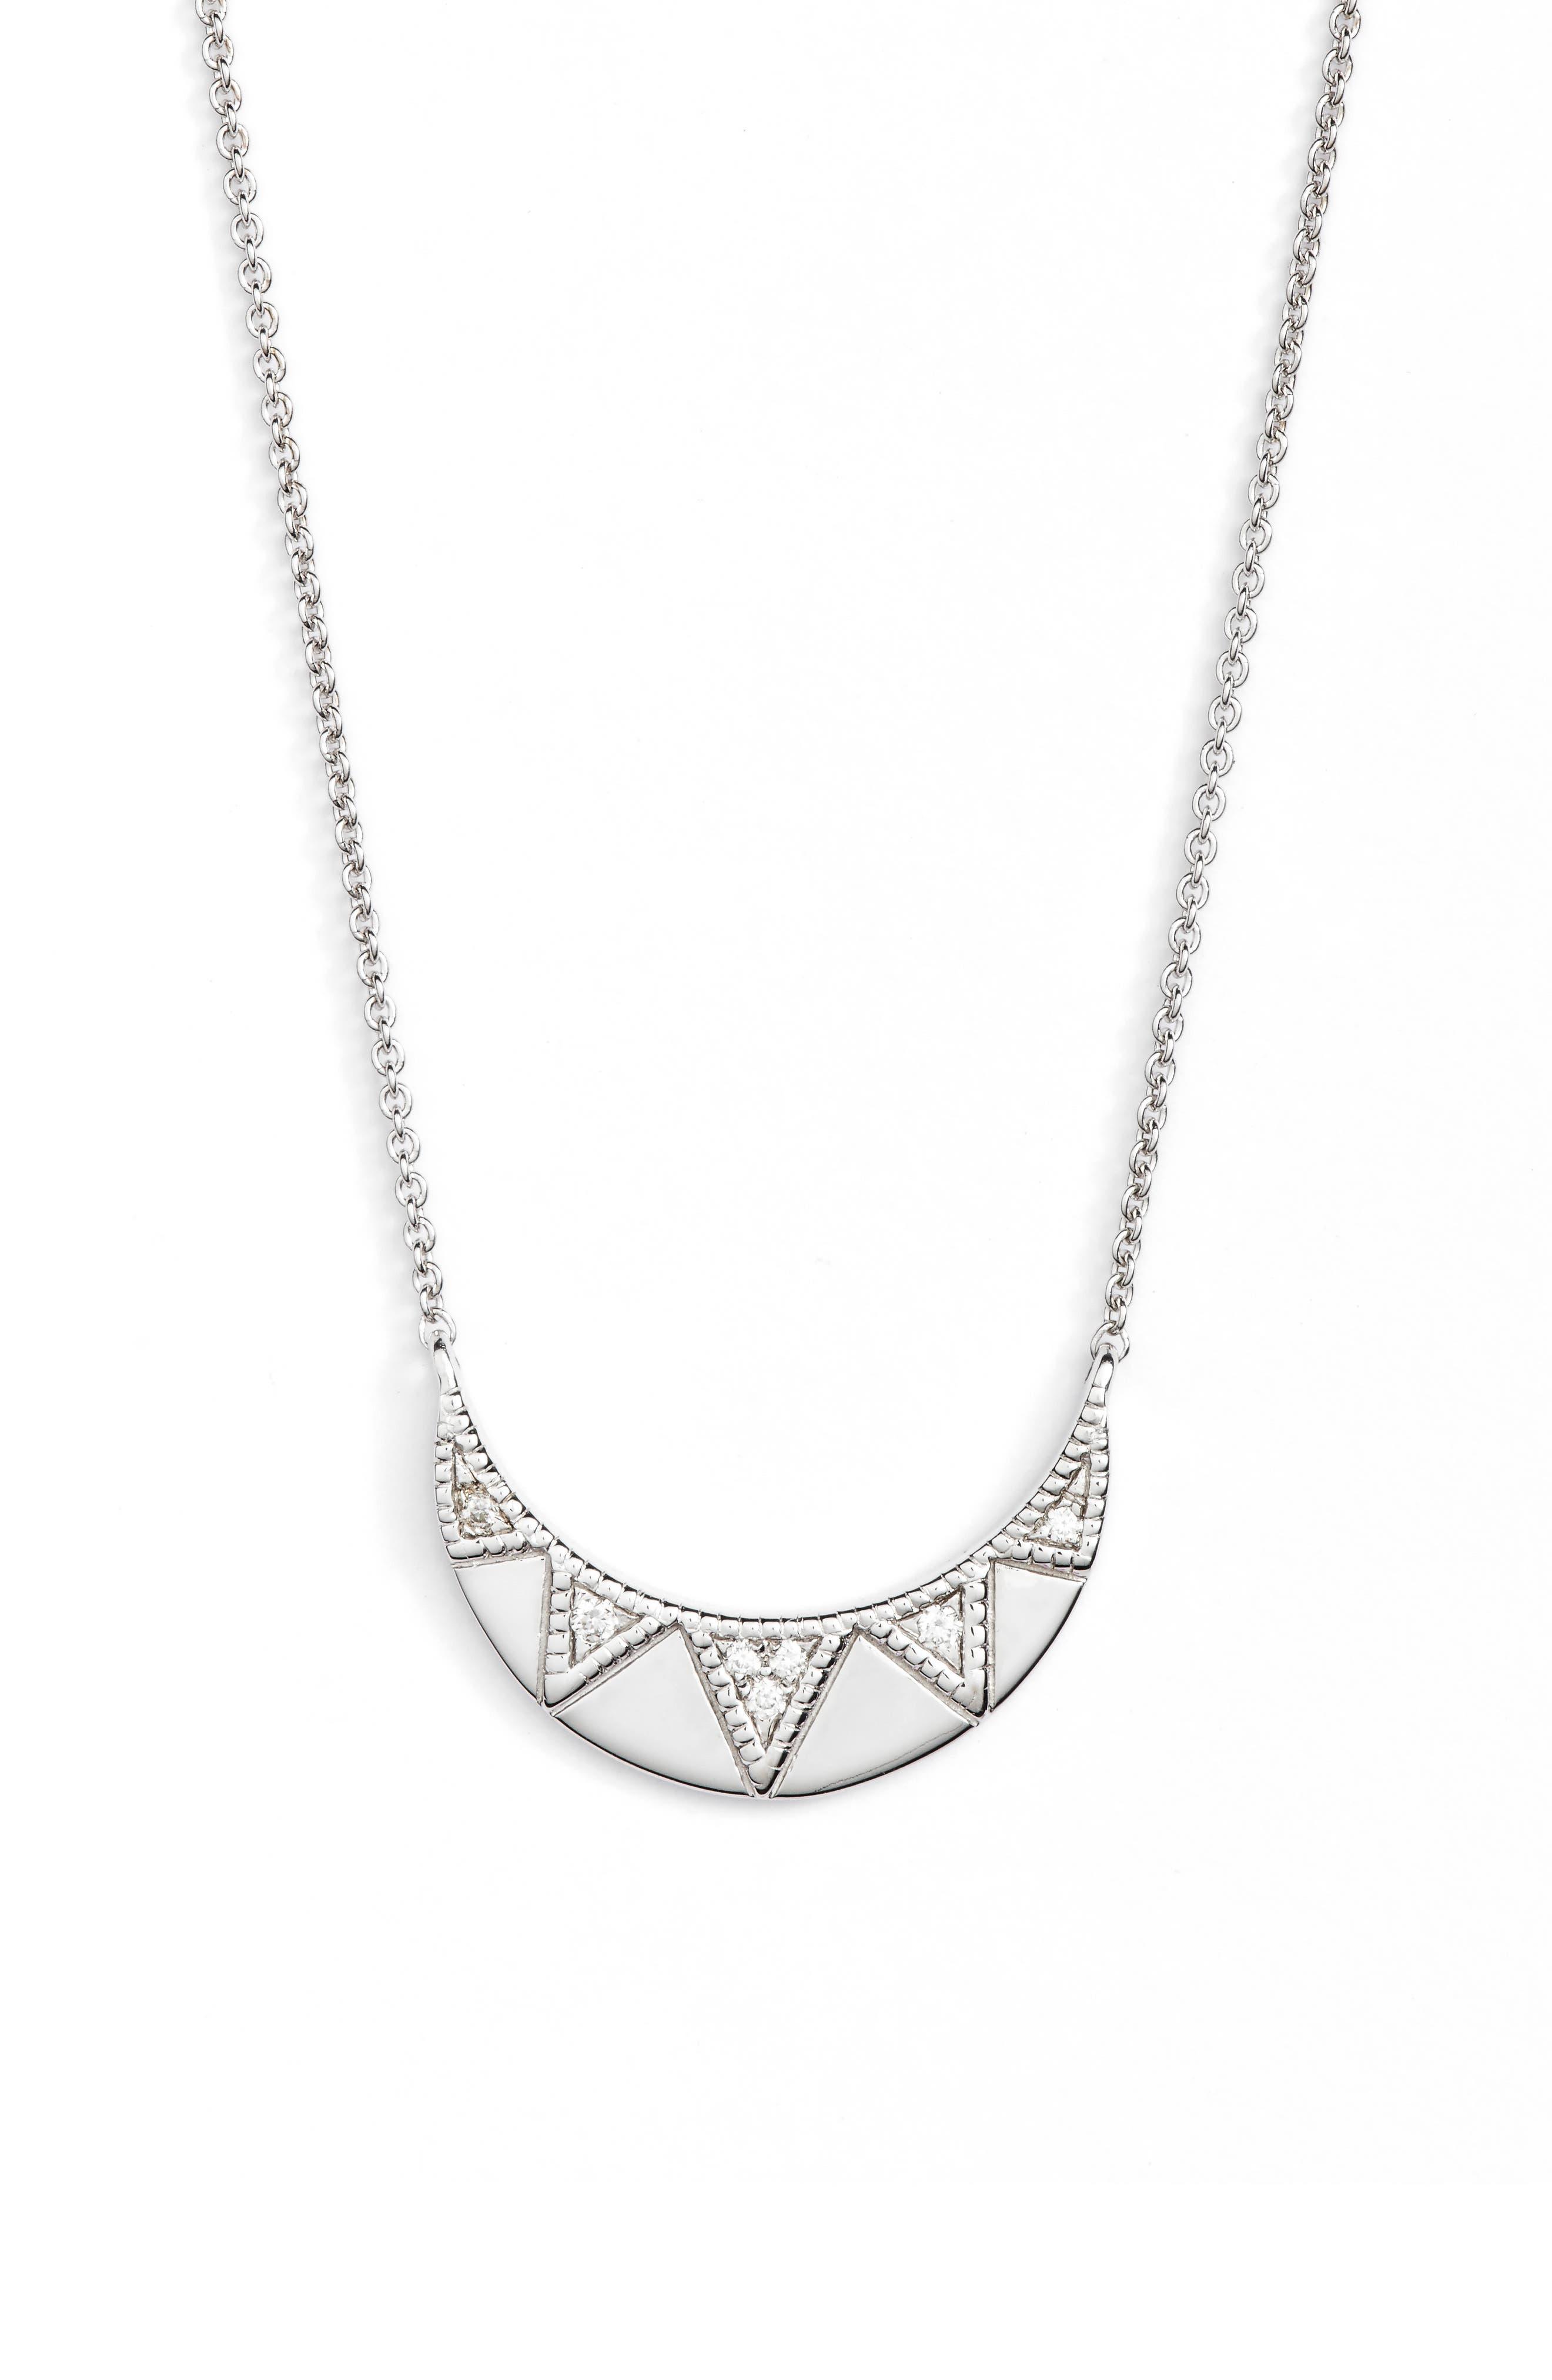 Dana Rebecca Designs Jeanie Ann Diamond Pendant Necklace